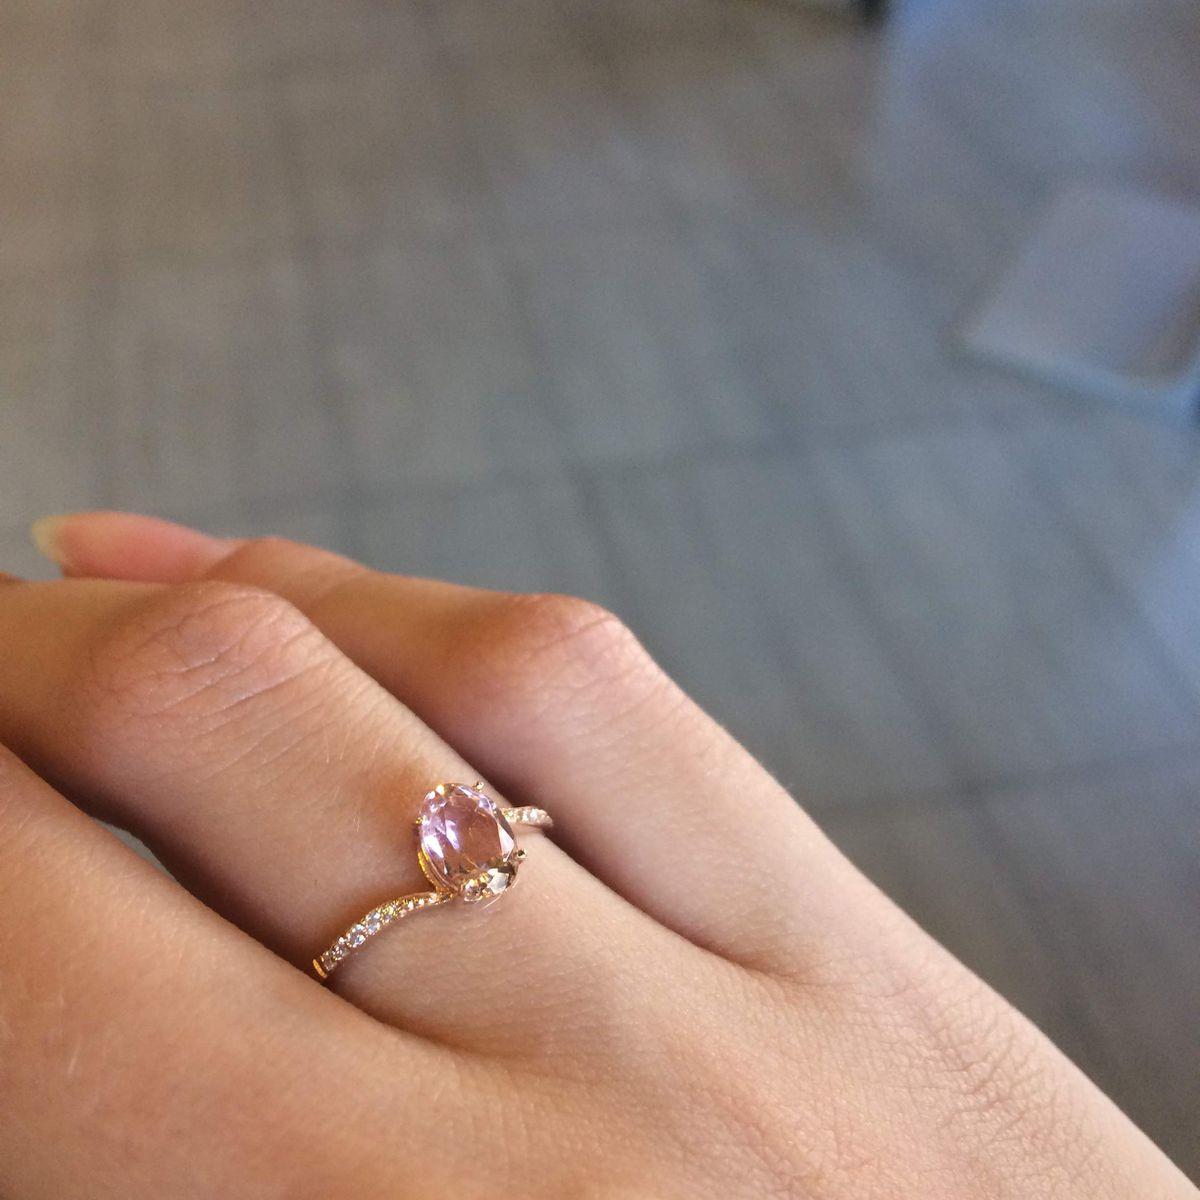 Нежное и безумно красивое кольцо с морганитом 😍